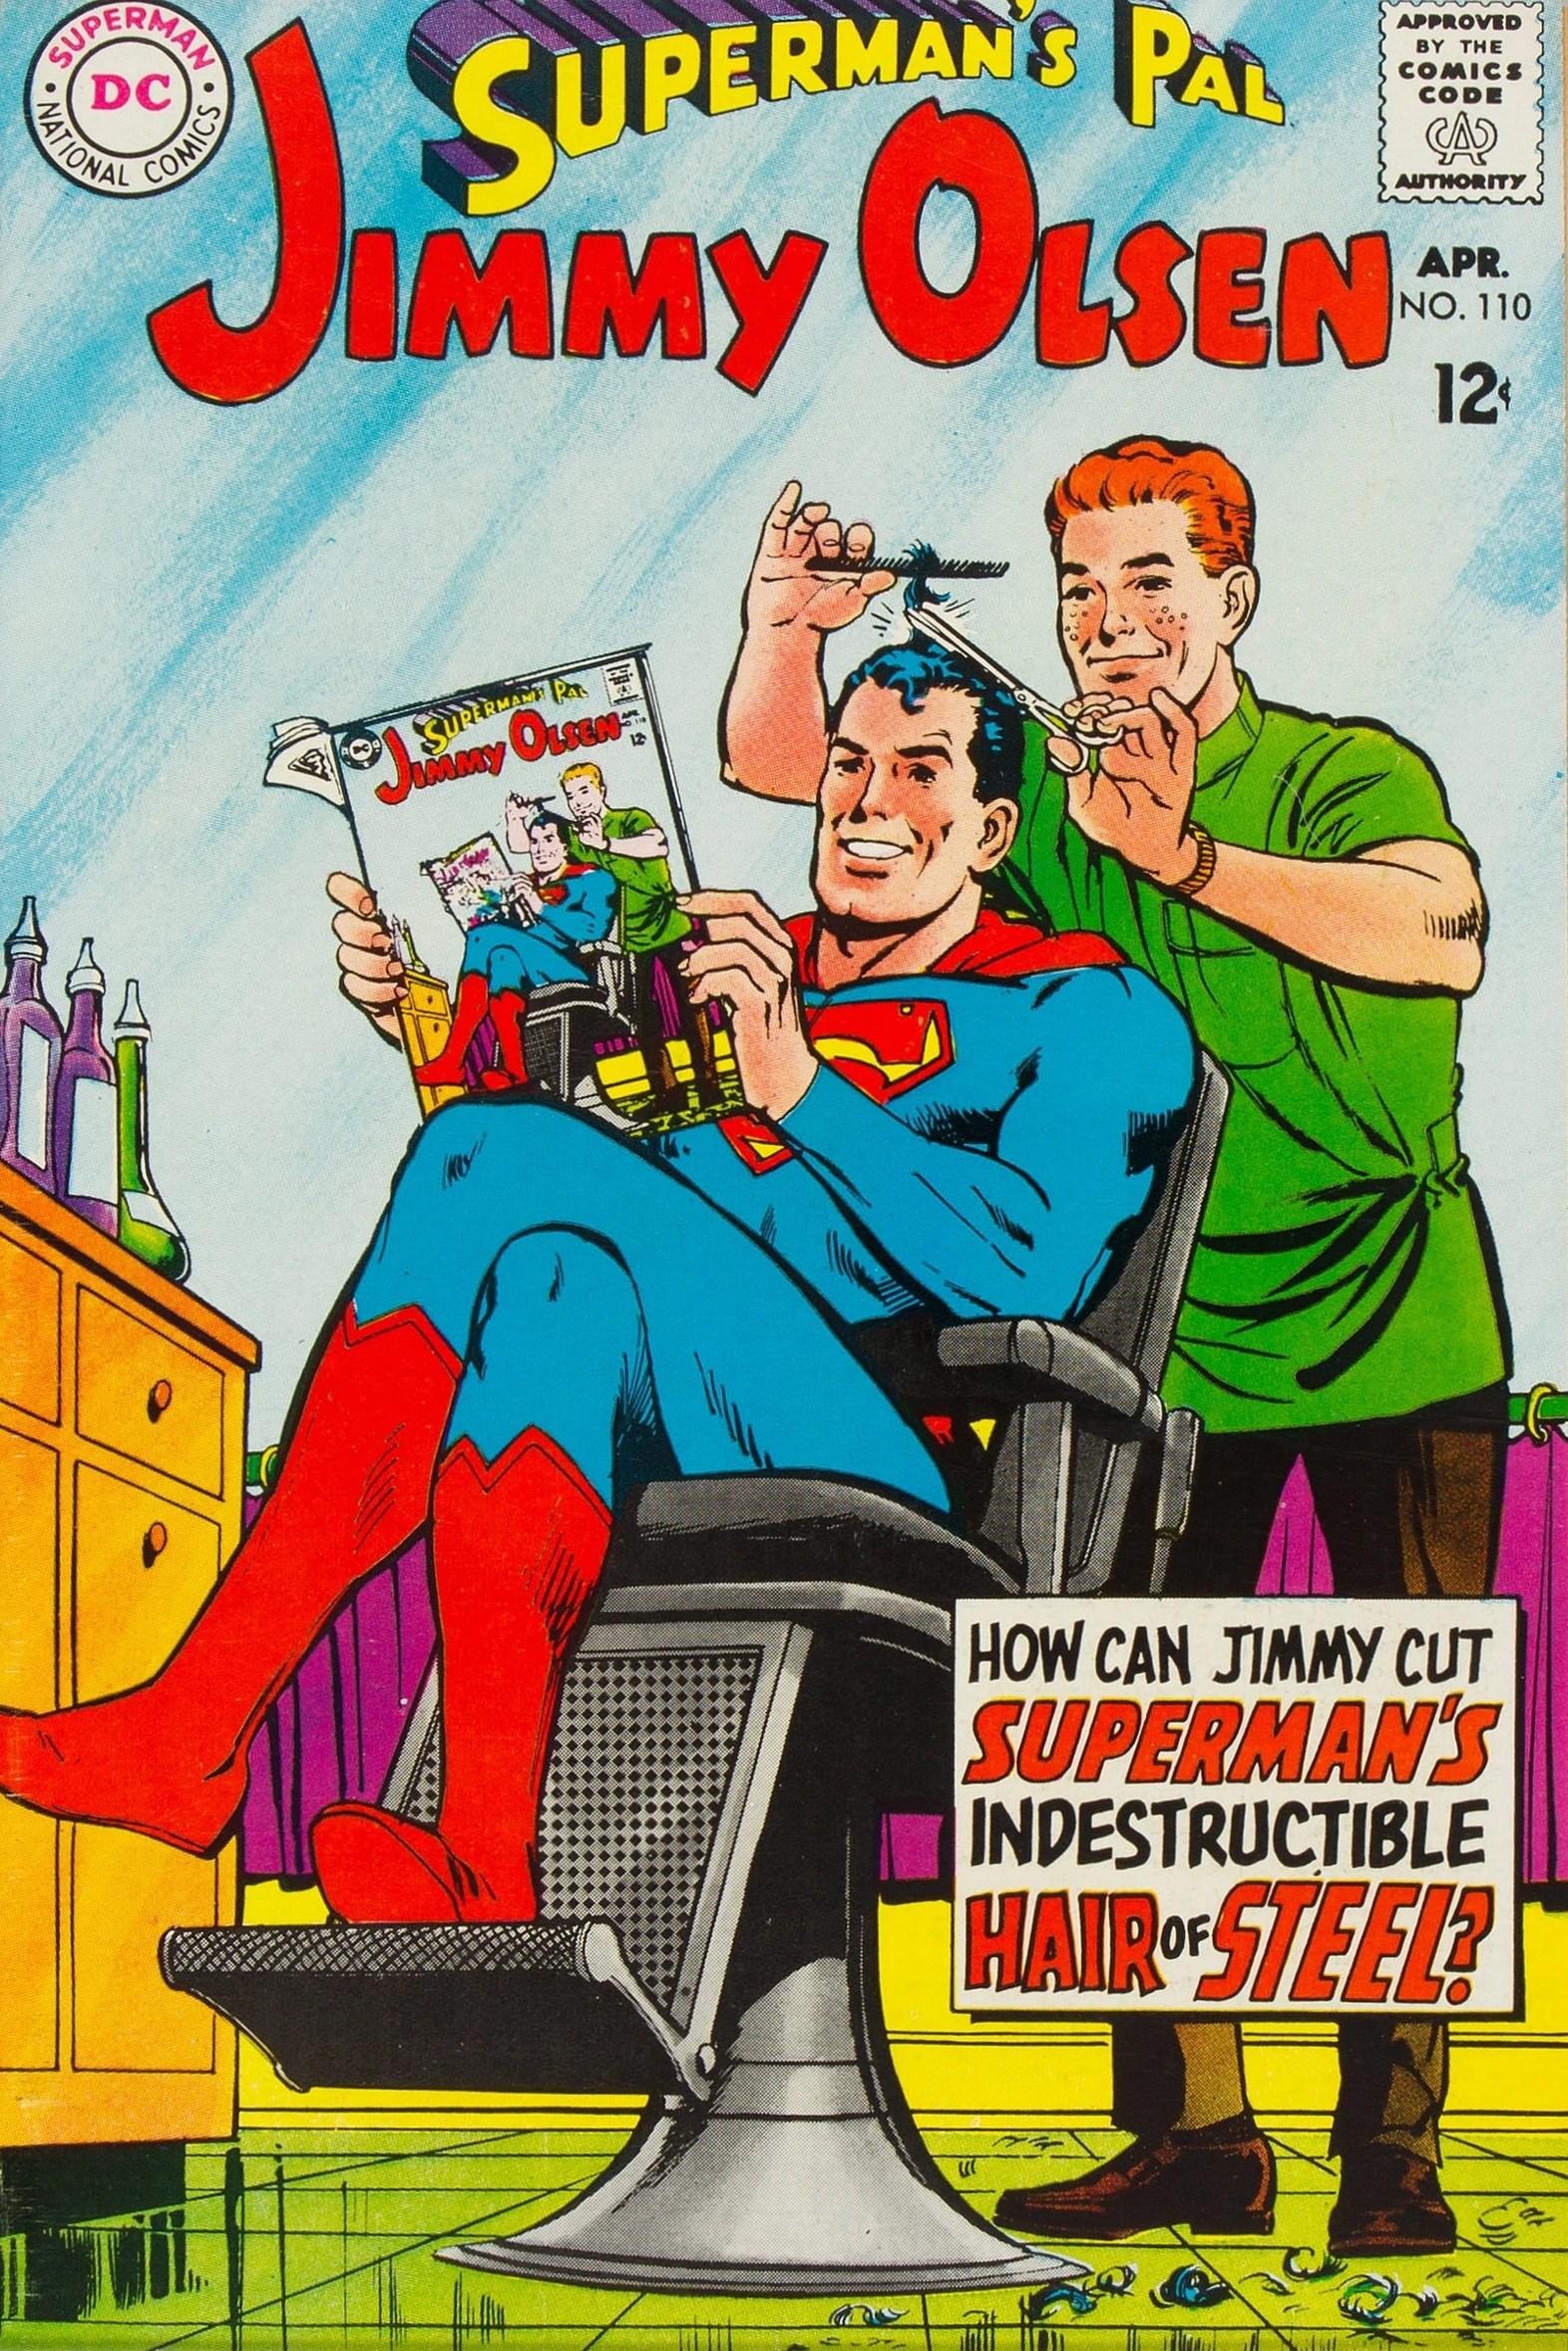 superman's pal jimmy olsen vol